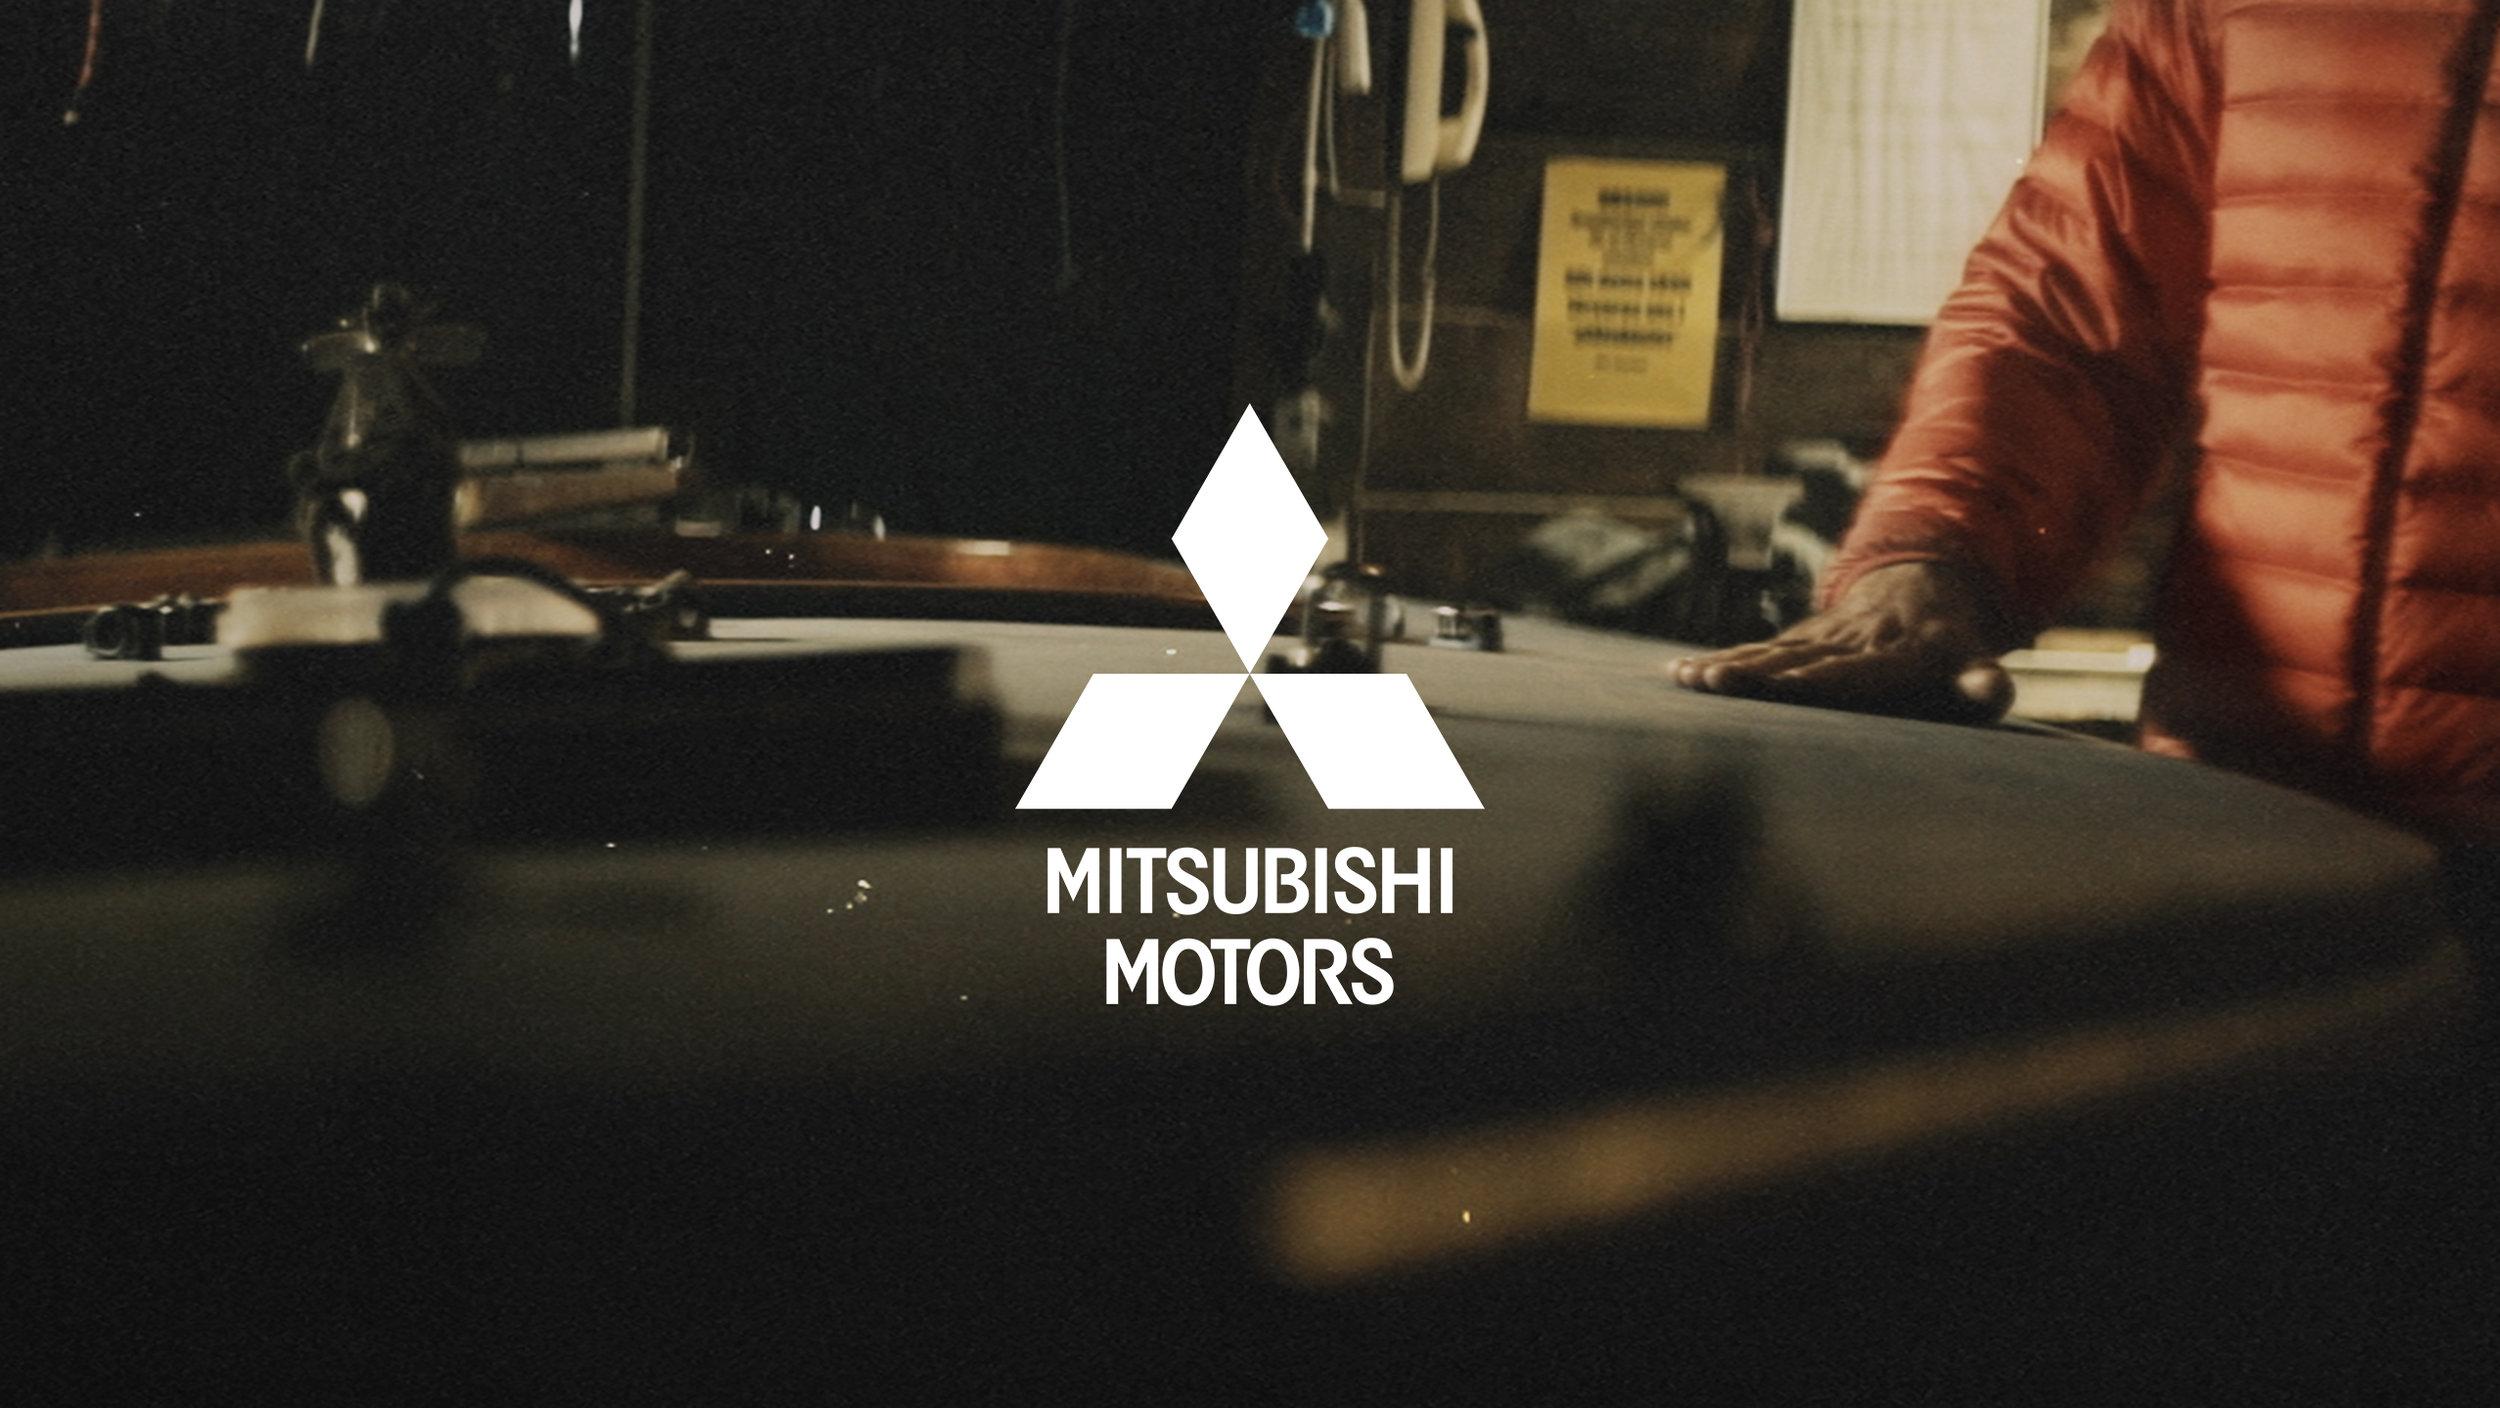 MITSUBISHI LOGO.jpg